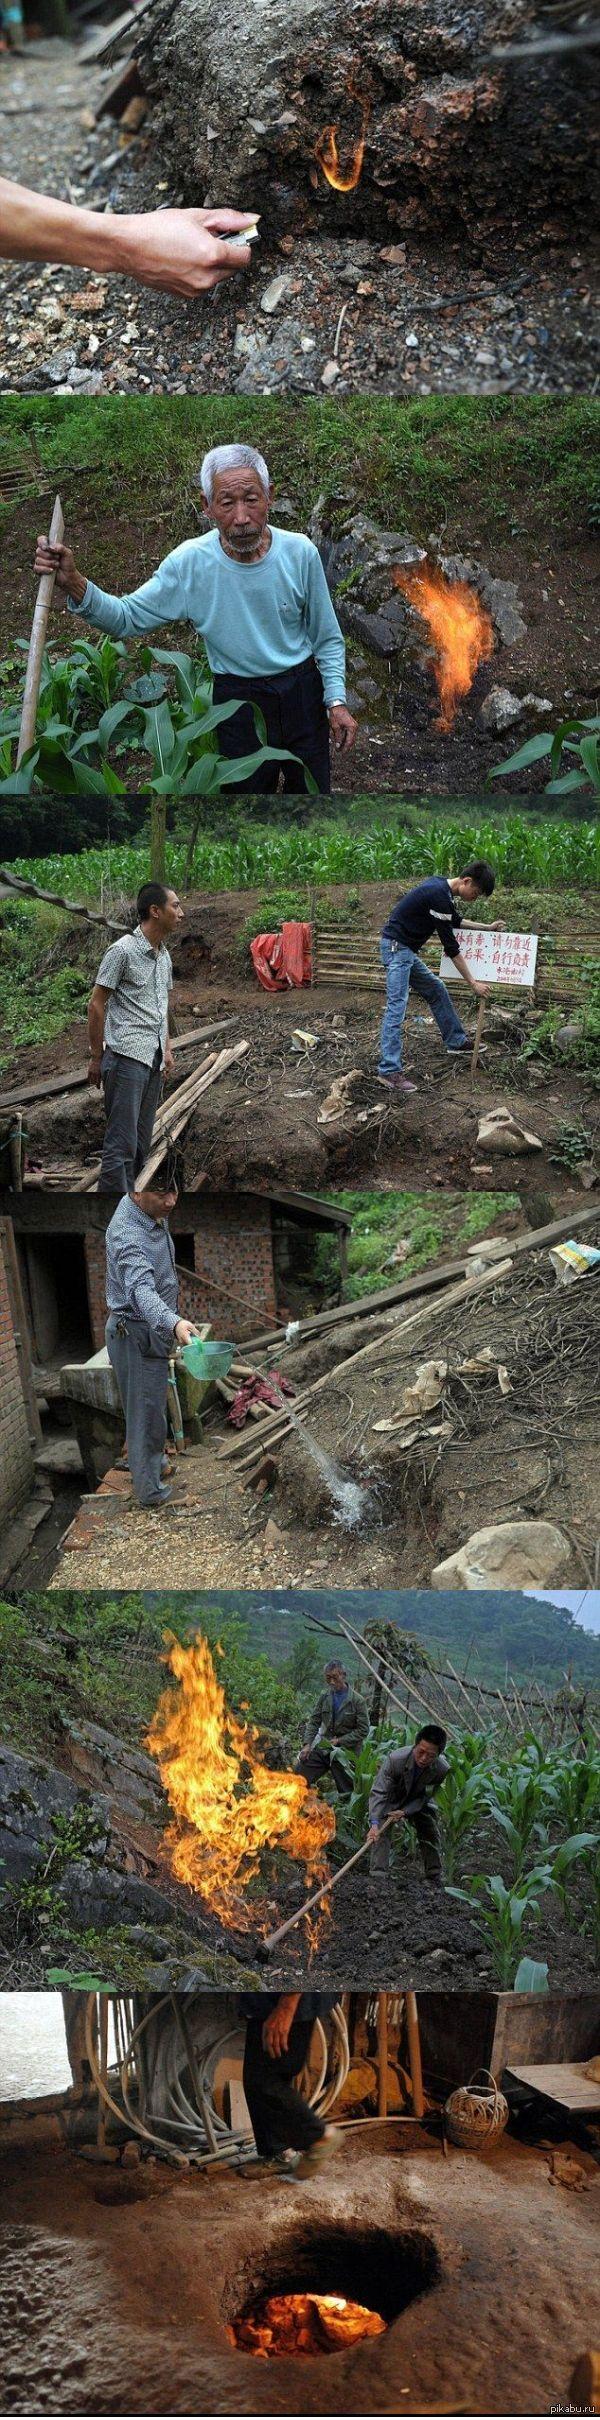 Мечта Украины. В китайской деревушке Наньяван из-под земли просачивается метан, поэтому местные фермеры уже привыкли к тому, что земля постоянно воспламеняется.